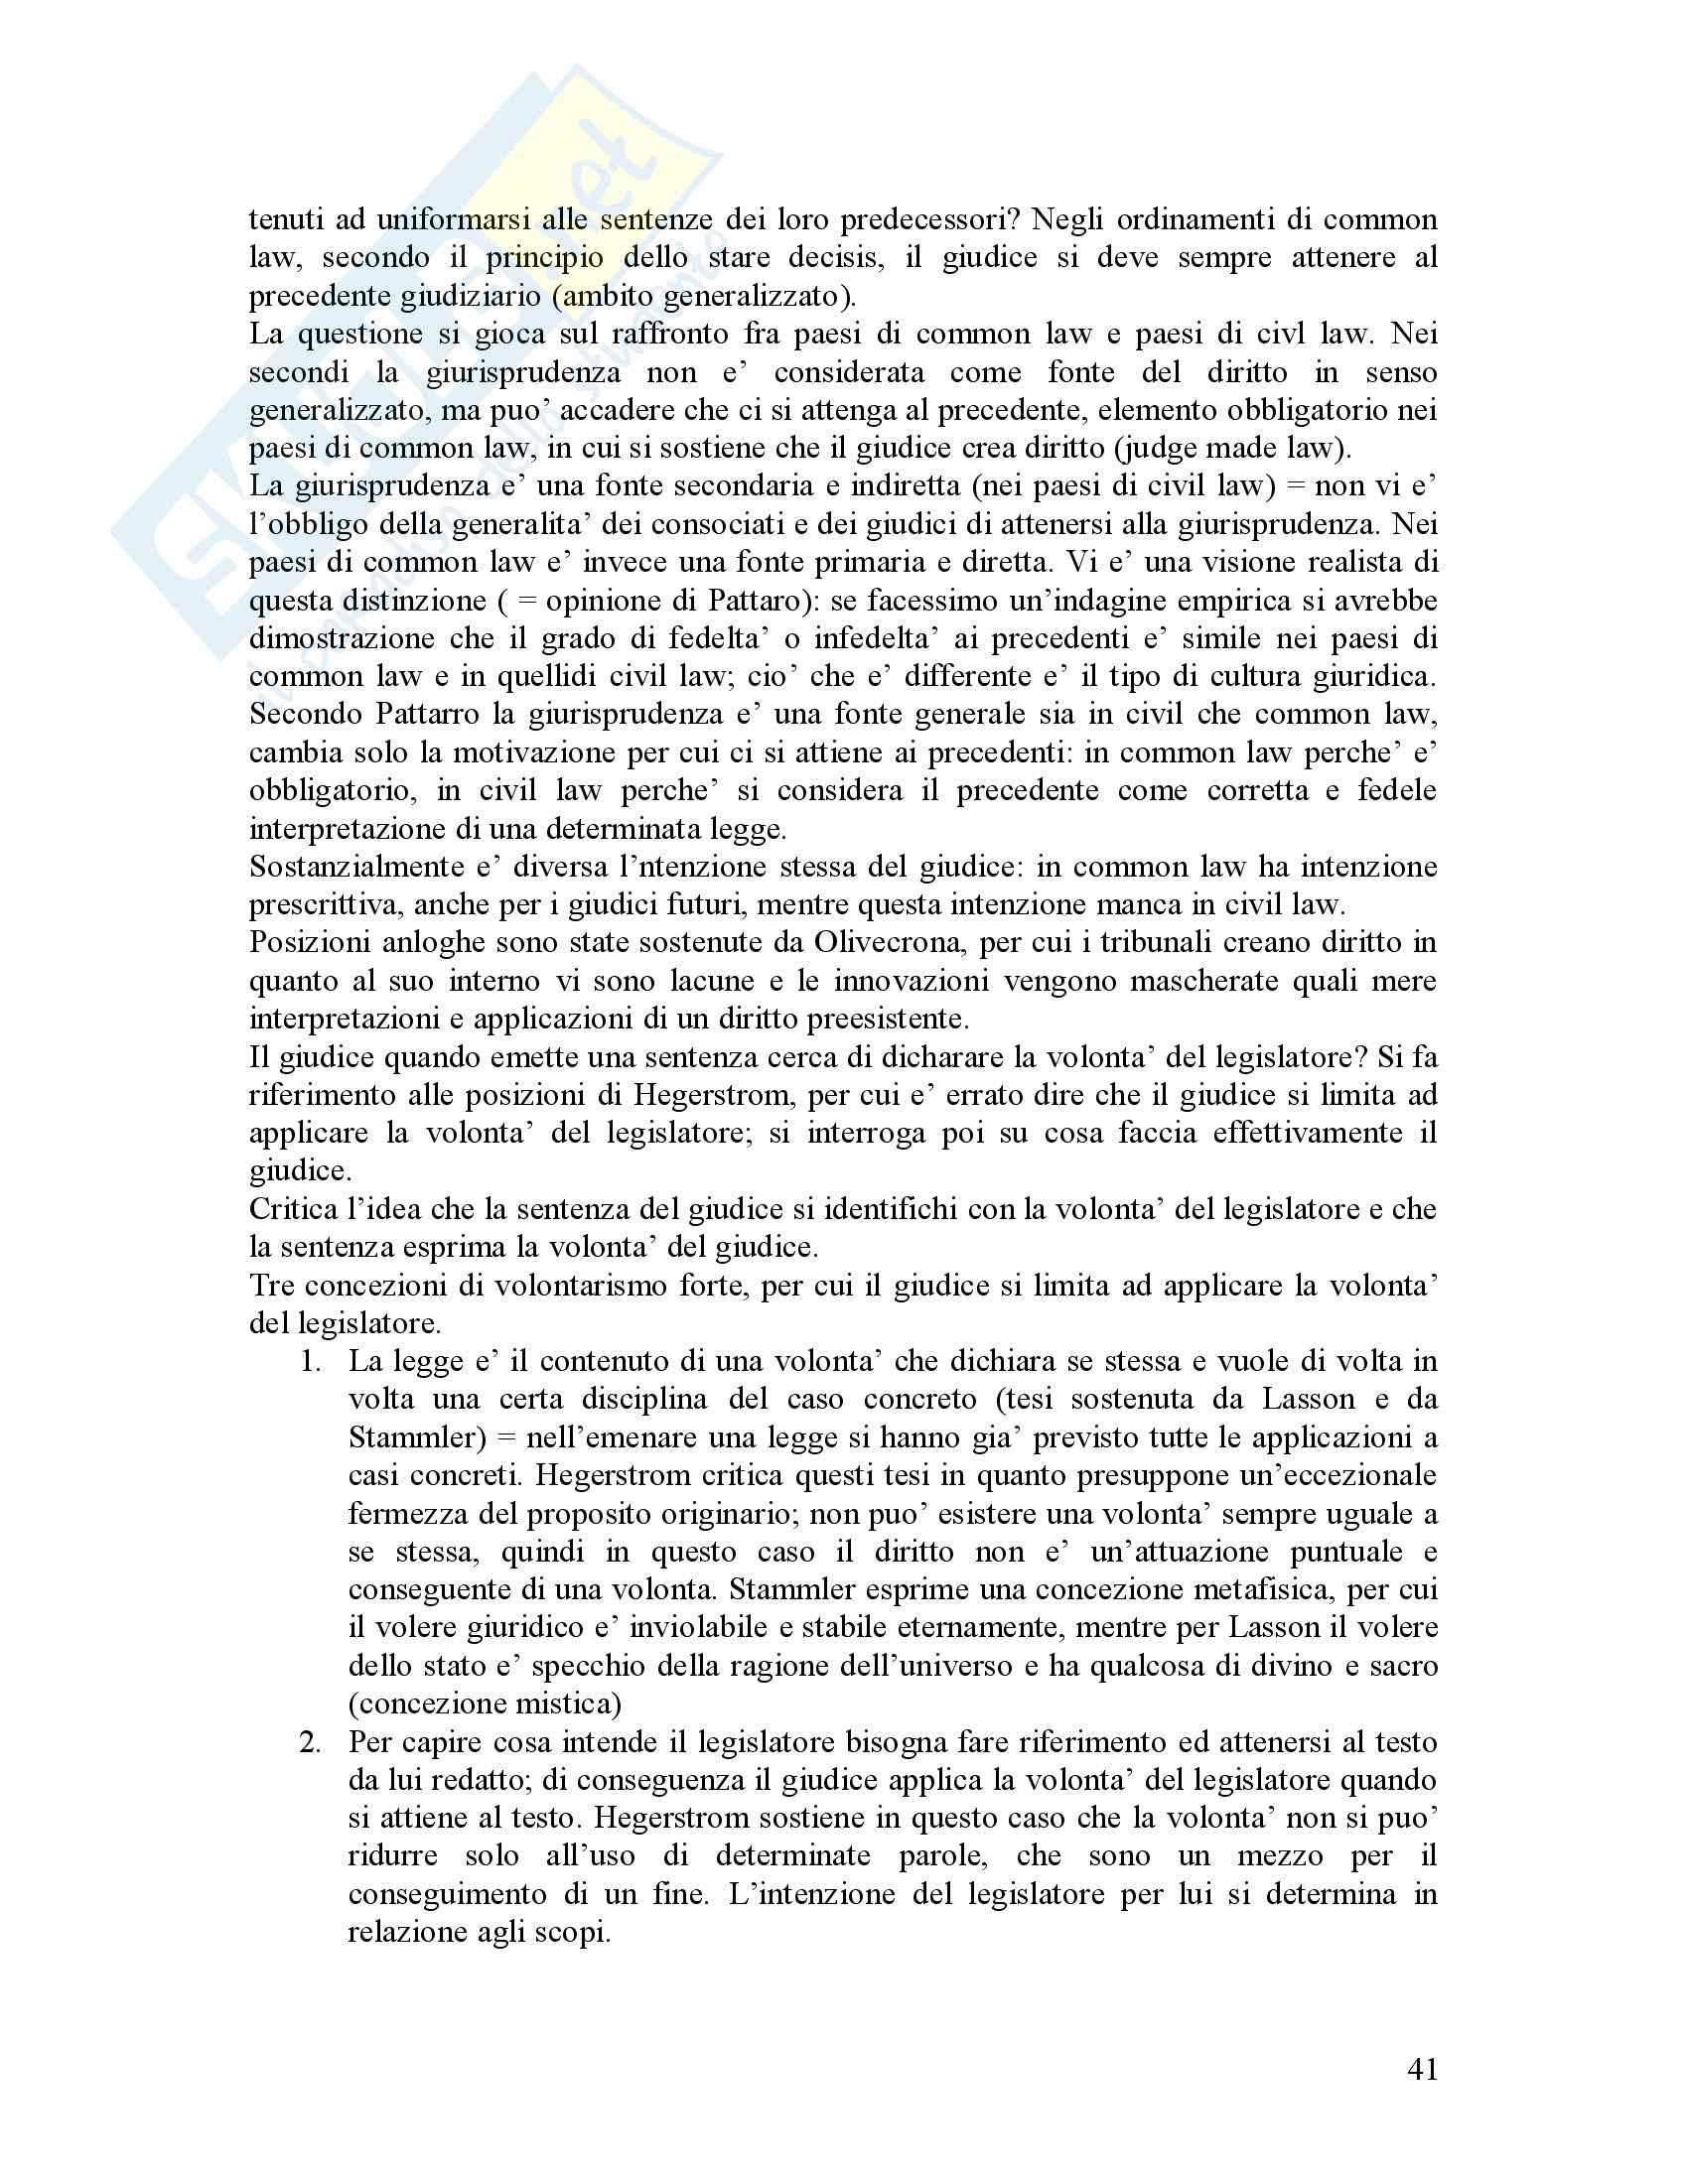 Filosofia del diritto - Riassunto esame, prof. Bongiovanni Pag. 41